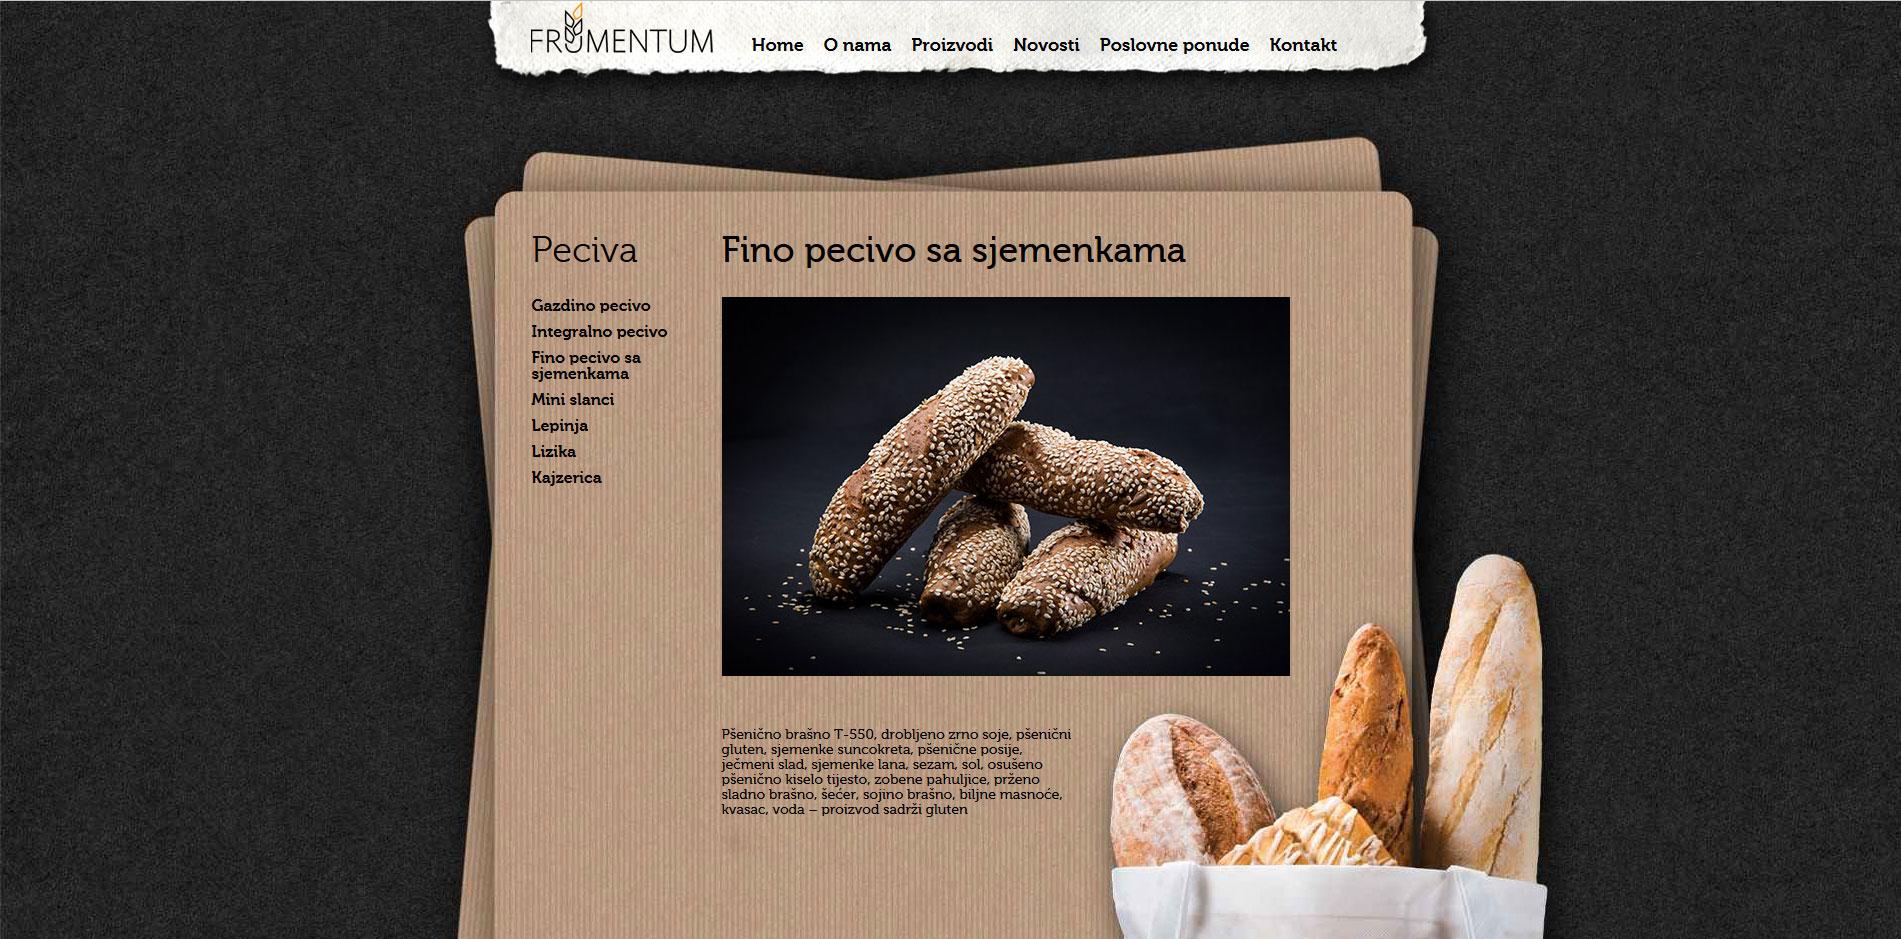 masavukmanovic.com - frumentum pekare - brendiranje 06